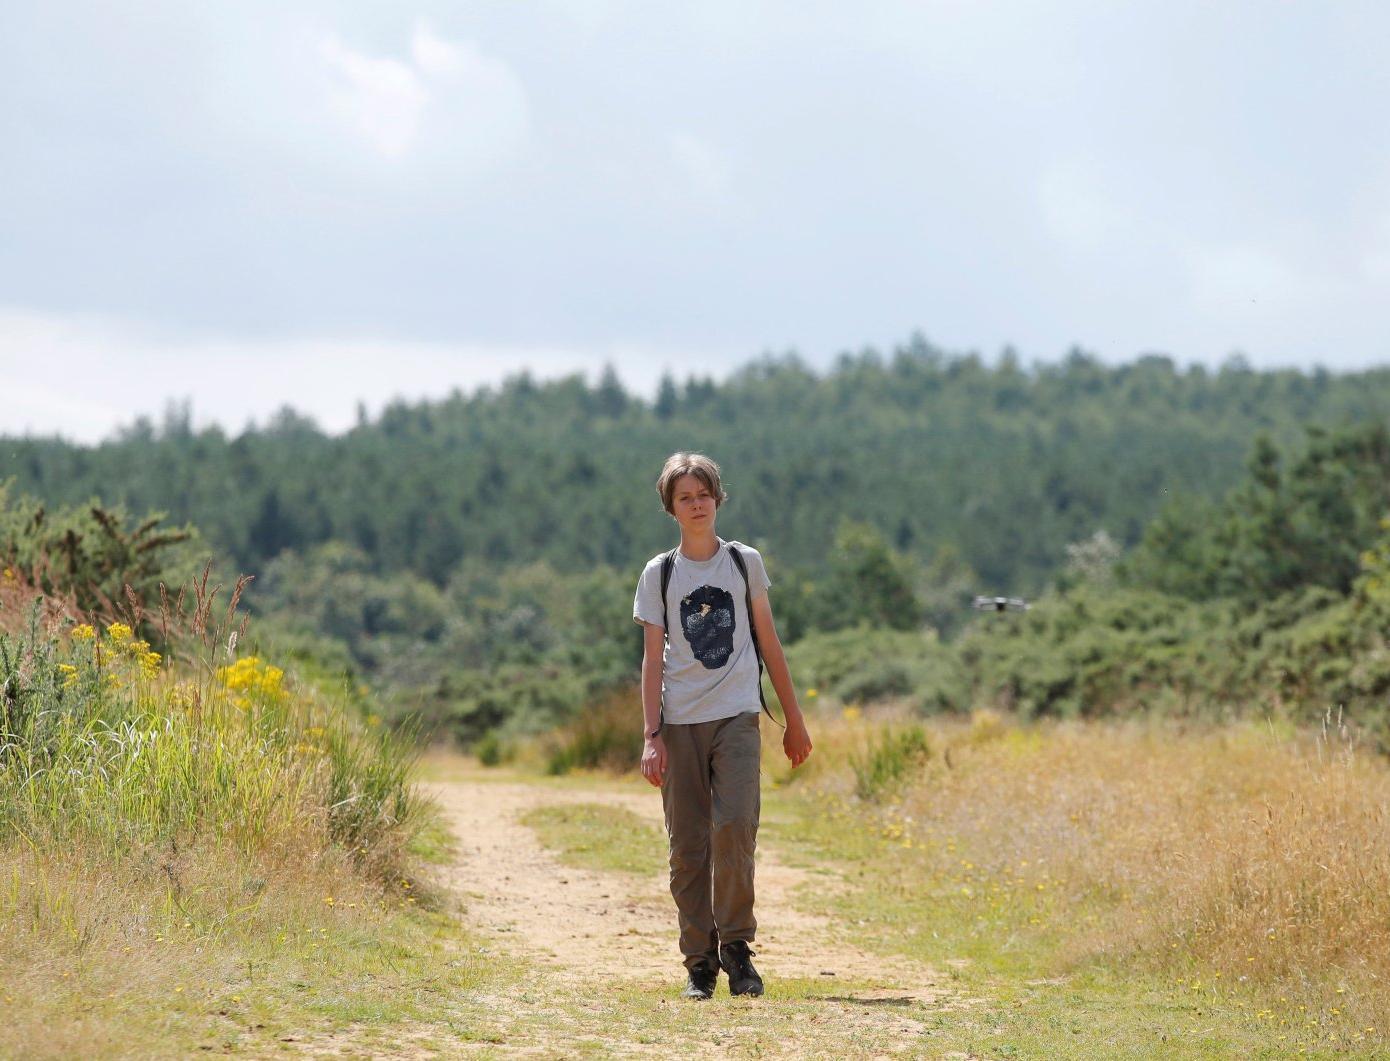 11-летний англичанин отправился в пеший поход, чтобы привлечь внимание к проблемам экологии